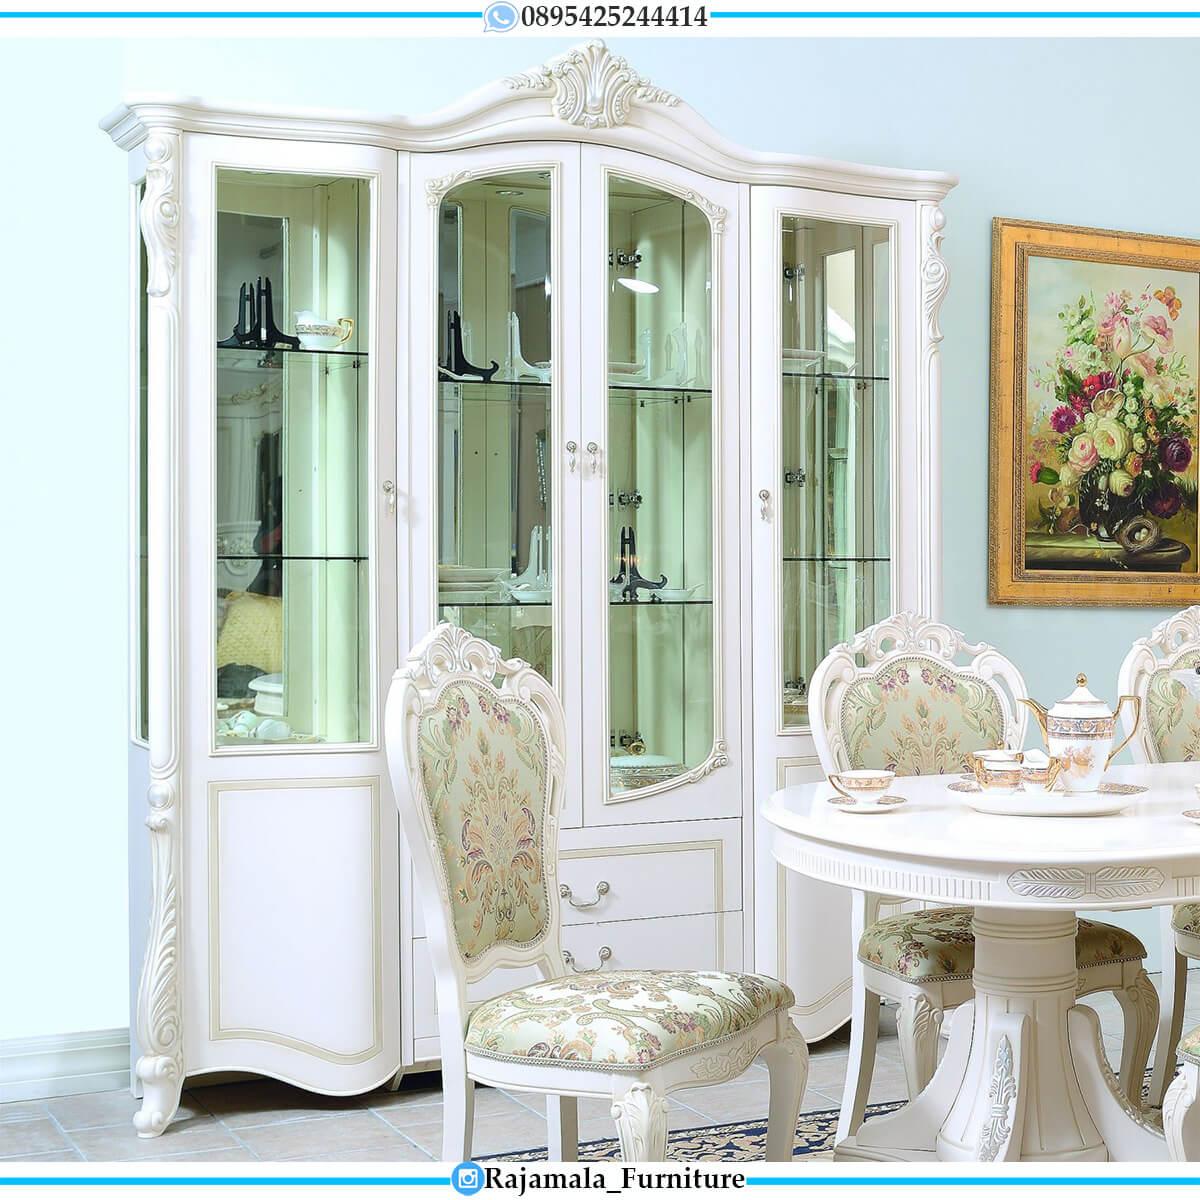 Lemari Pajangan Putih Duco Mewah Ukiran Jepara Luxury Classic RM-0567